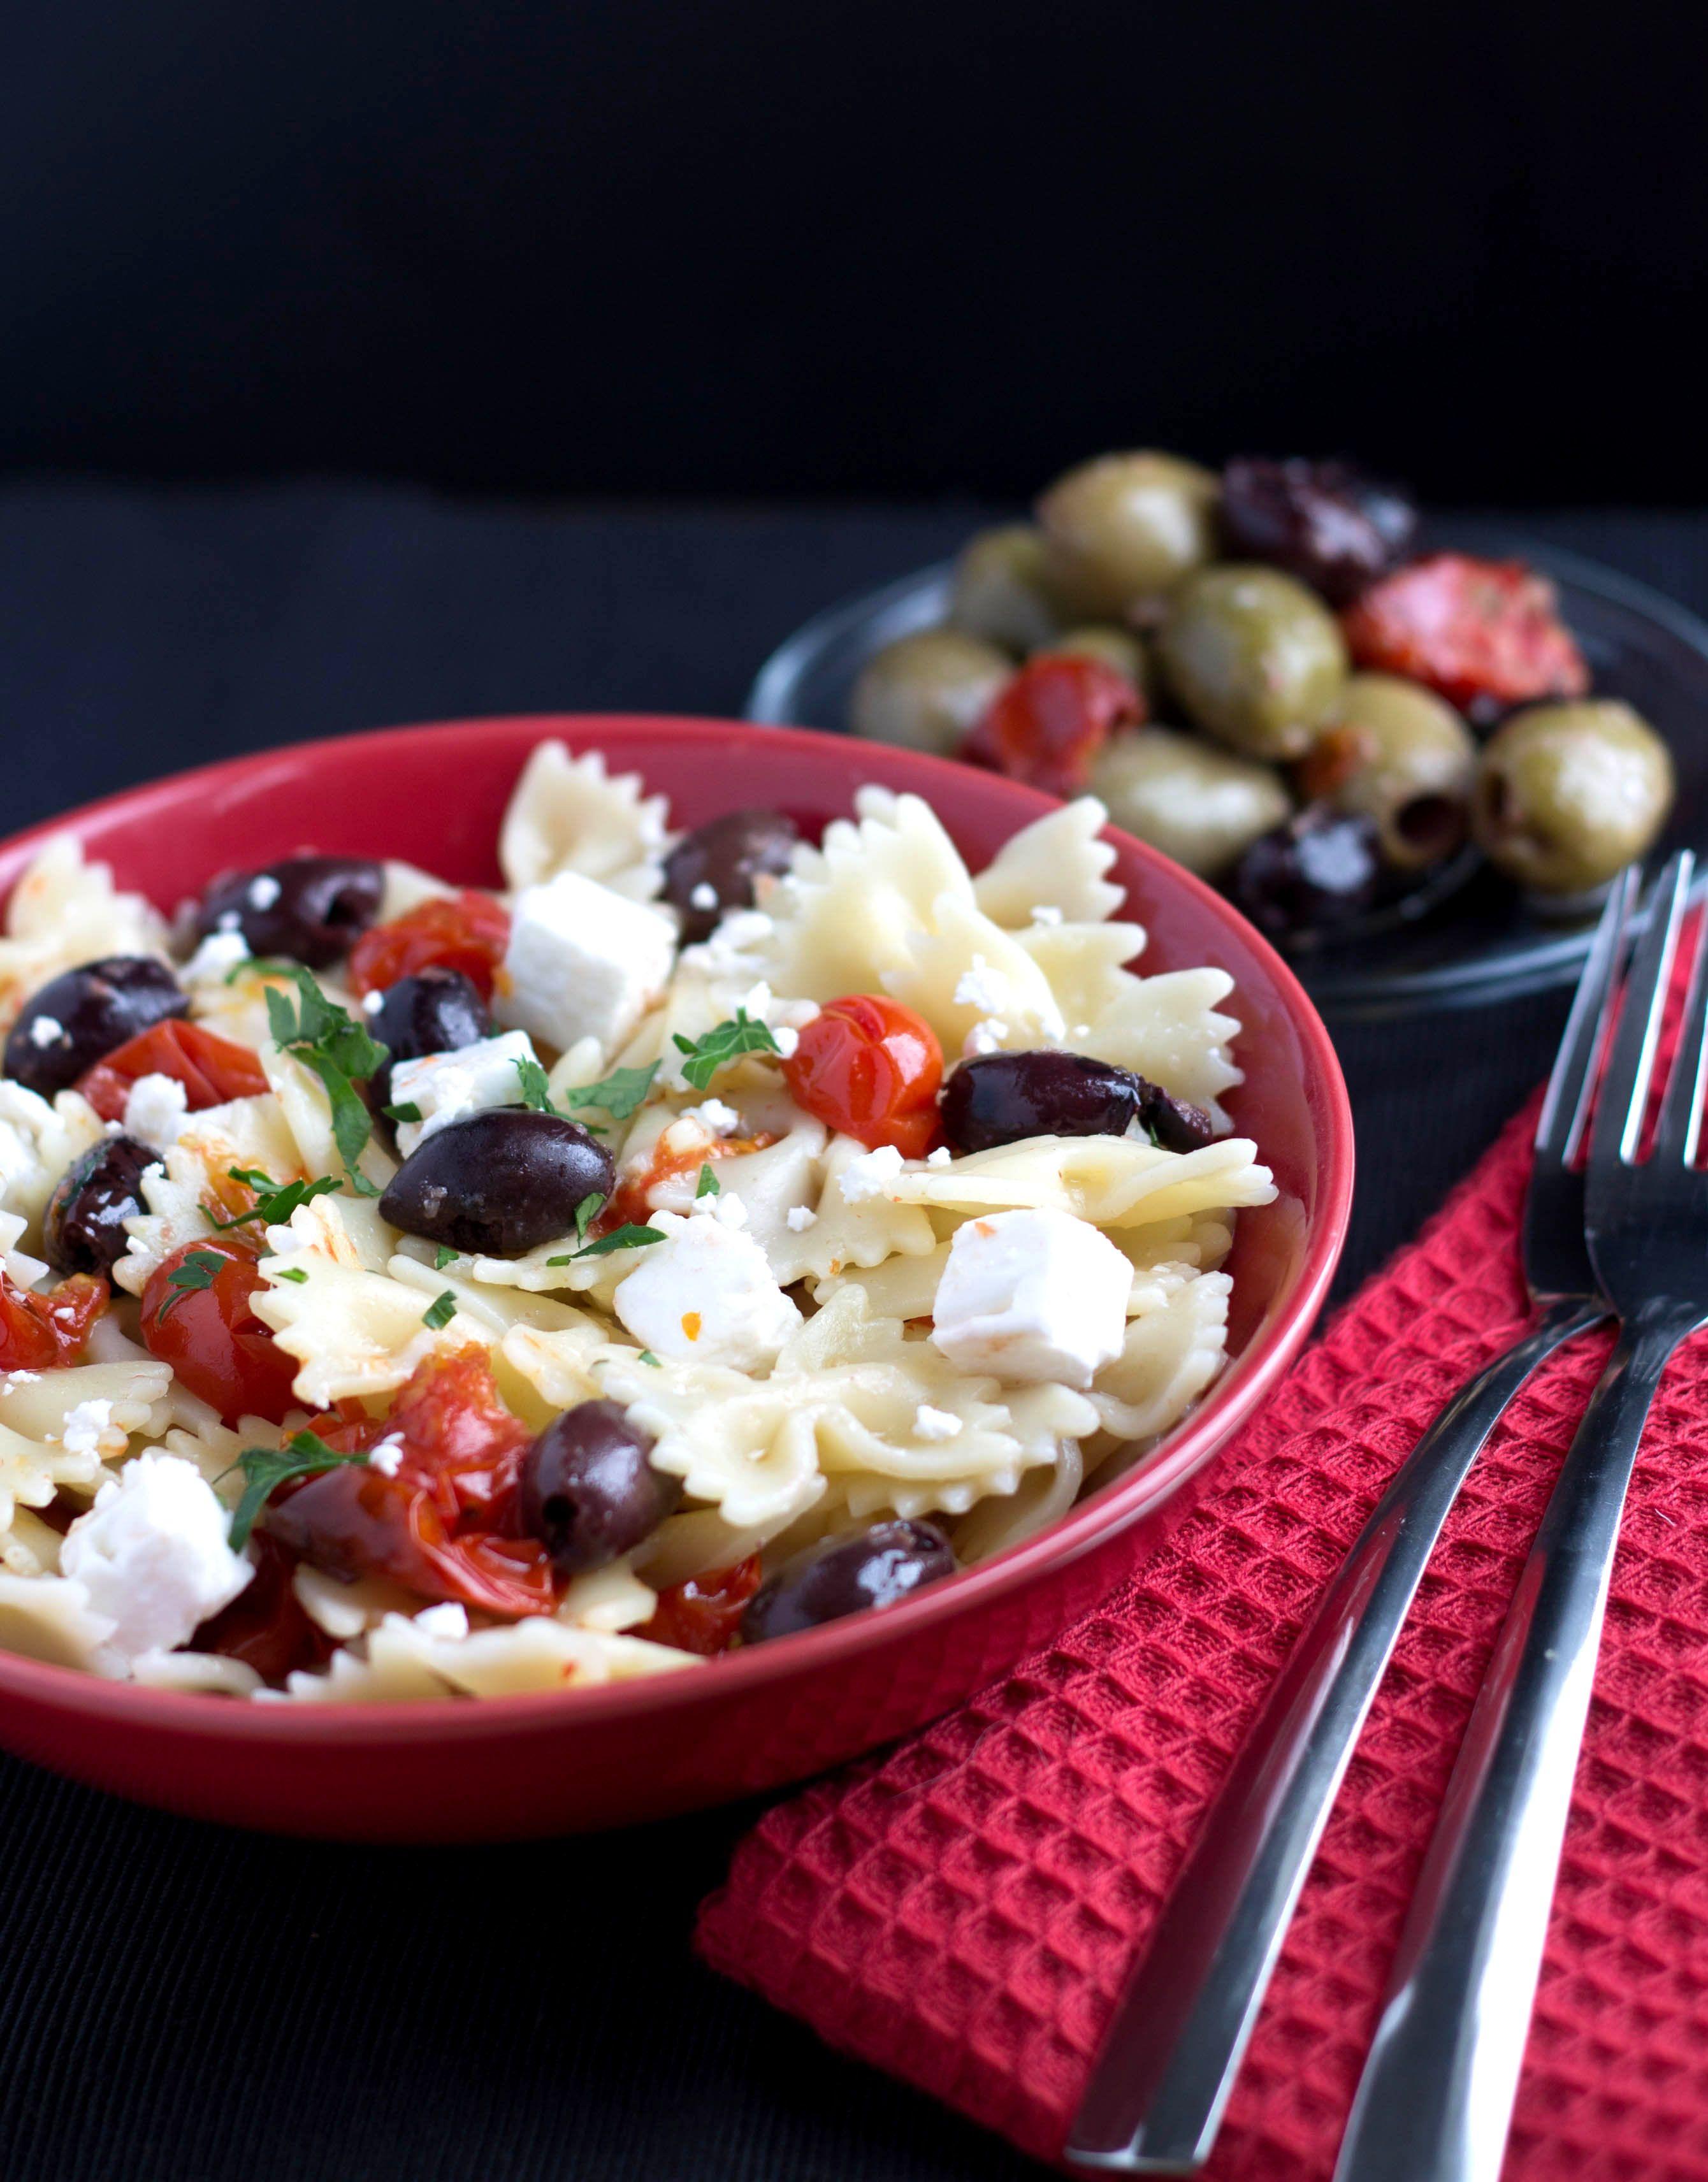 Pasta Quick & Easy com tomates, feta e azeitonas - Este prato traz grande sabor com tomates assados doces que são o contraste perfeito com o salgado do feta e azeitonas!